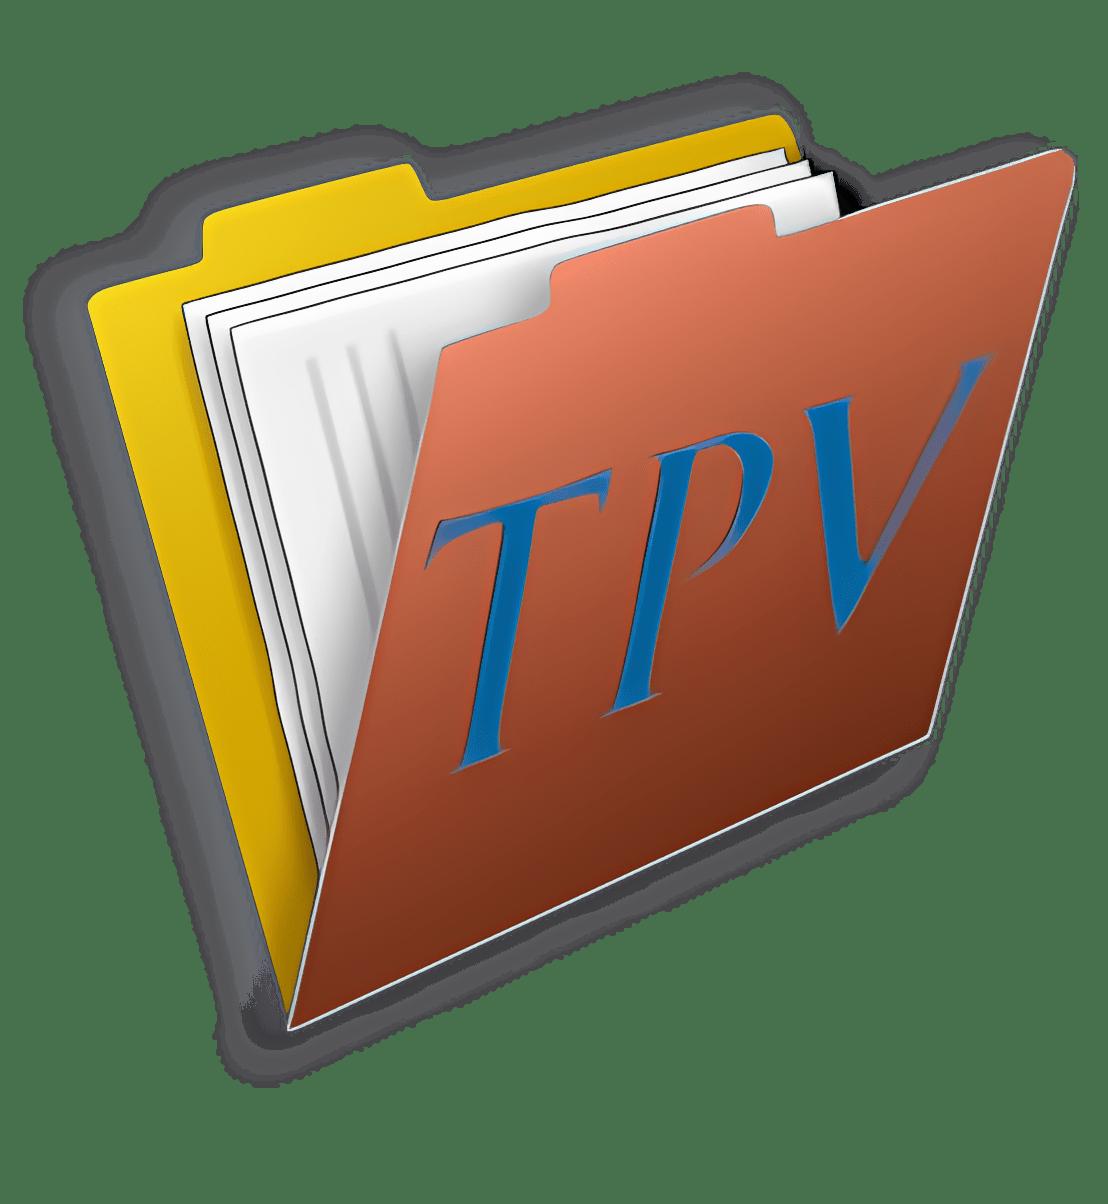 TPV. Terminal Punto de Venta